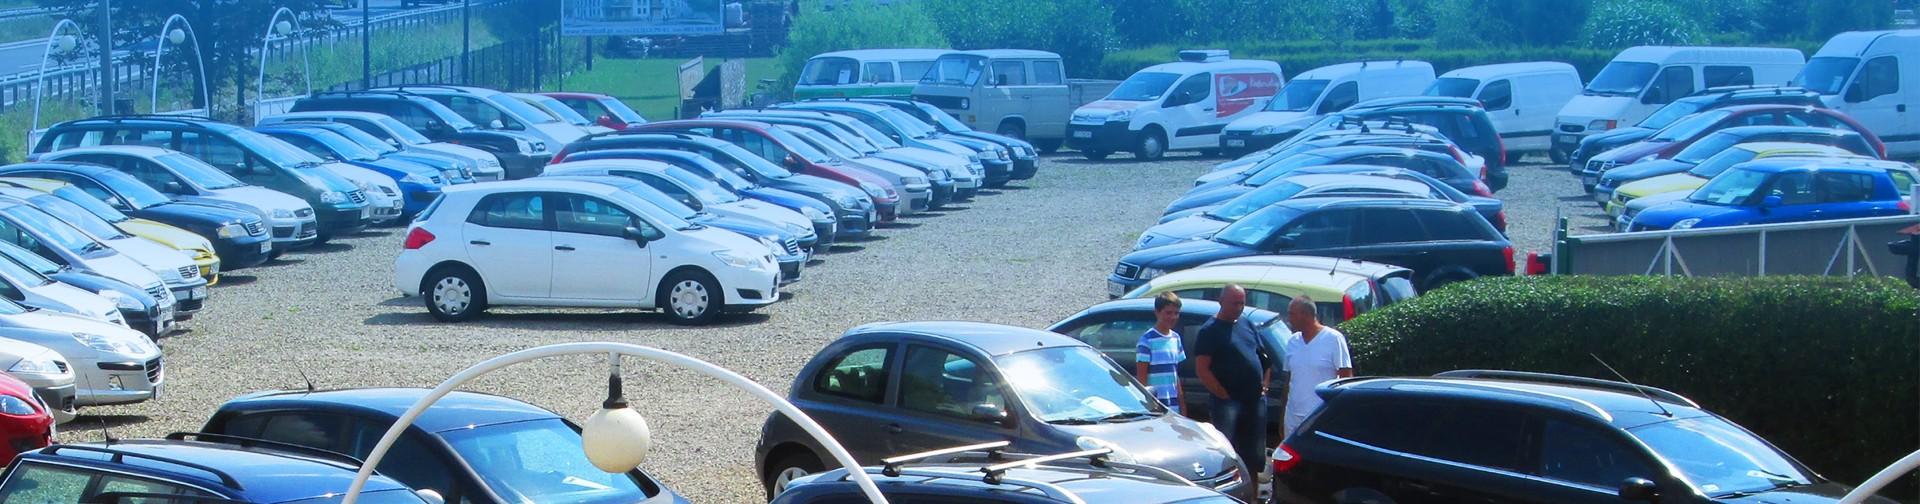 Wspaniały Autokomis Soloch - samochody używane sląsk, komis śląskie, Bielsko BT96